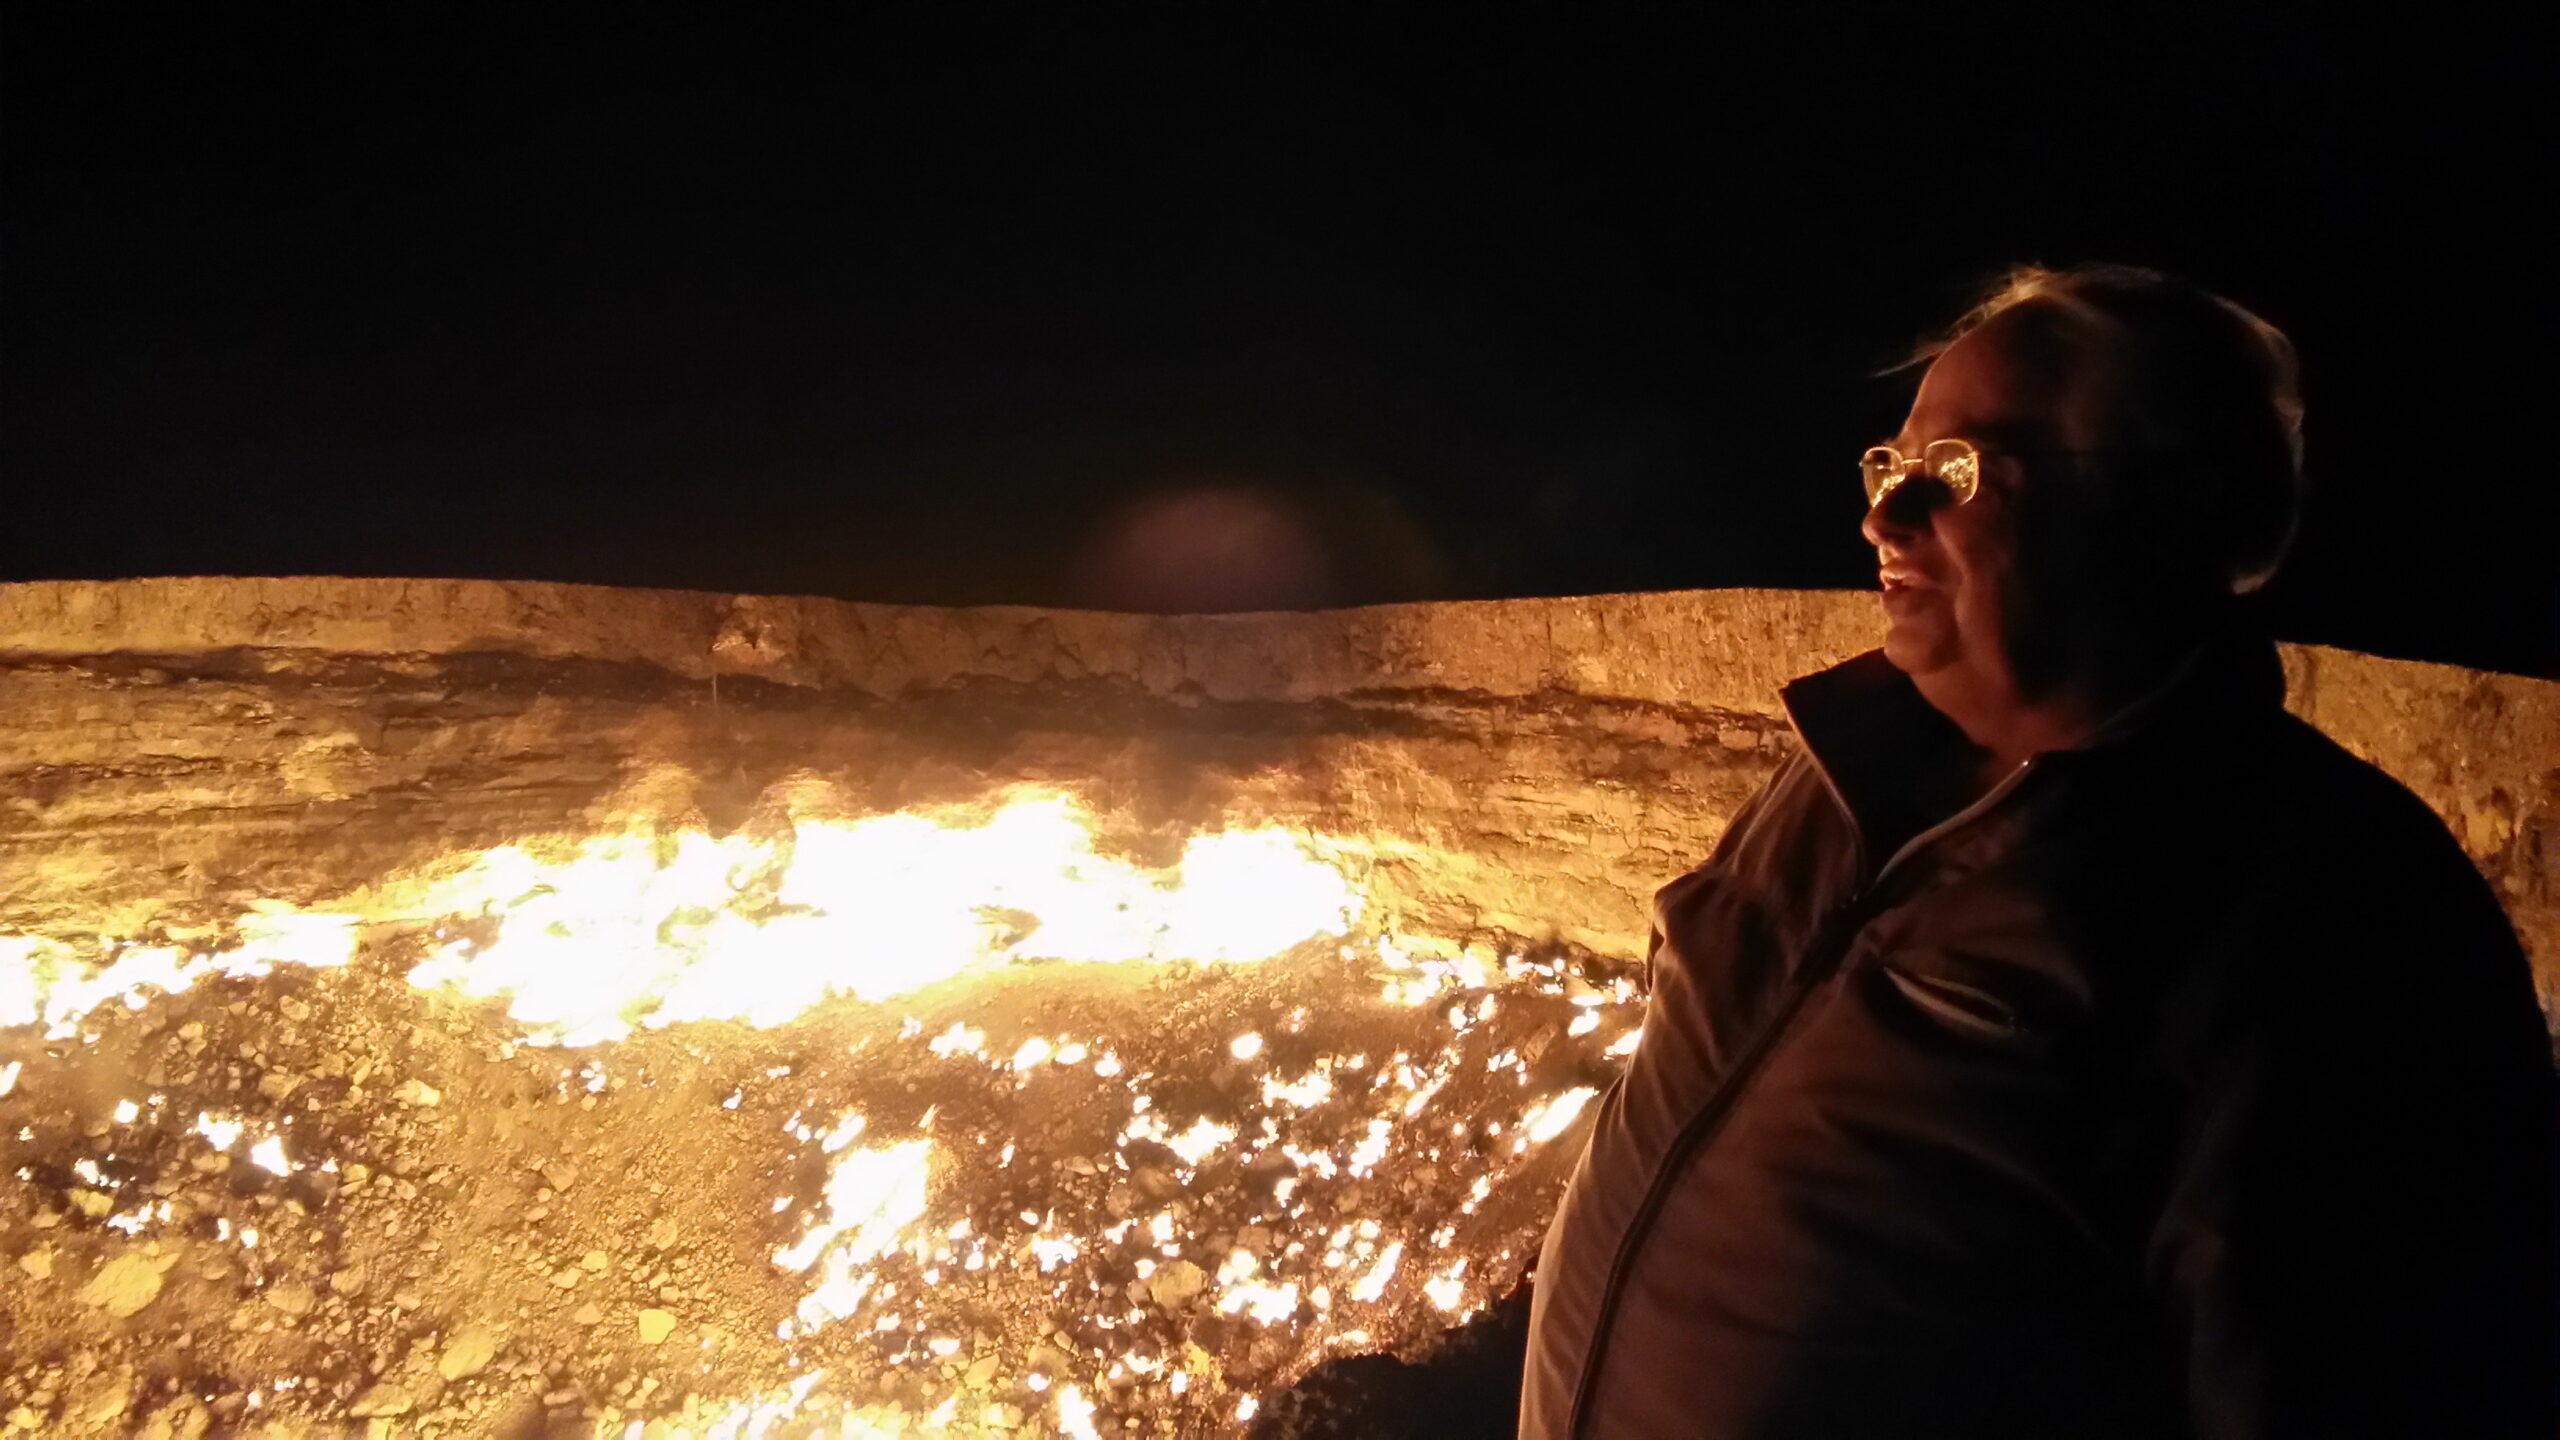 Единственное место на Земле, которое называют «Ворота в ад» или «Пасть дьявола». Сразу после окончания карантина в это уникальное место в Туркмении г-н Воронков собирается пригласить в пресс-тур украинских журналистов.